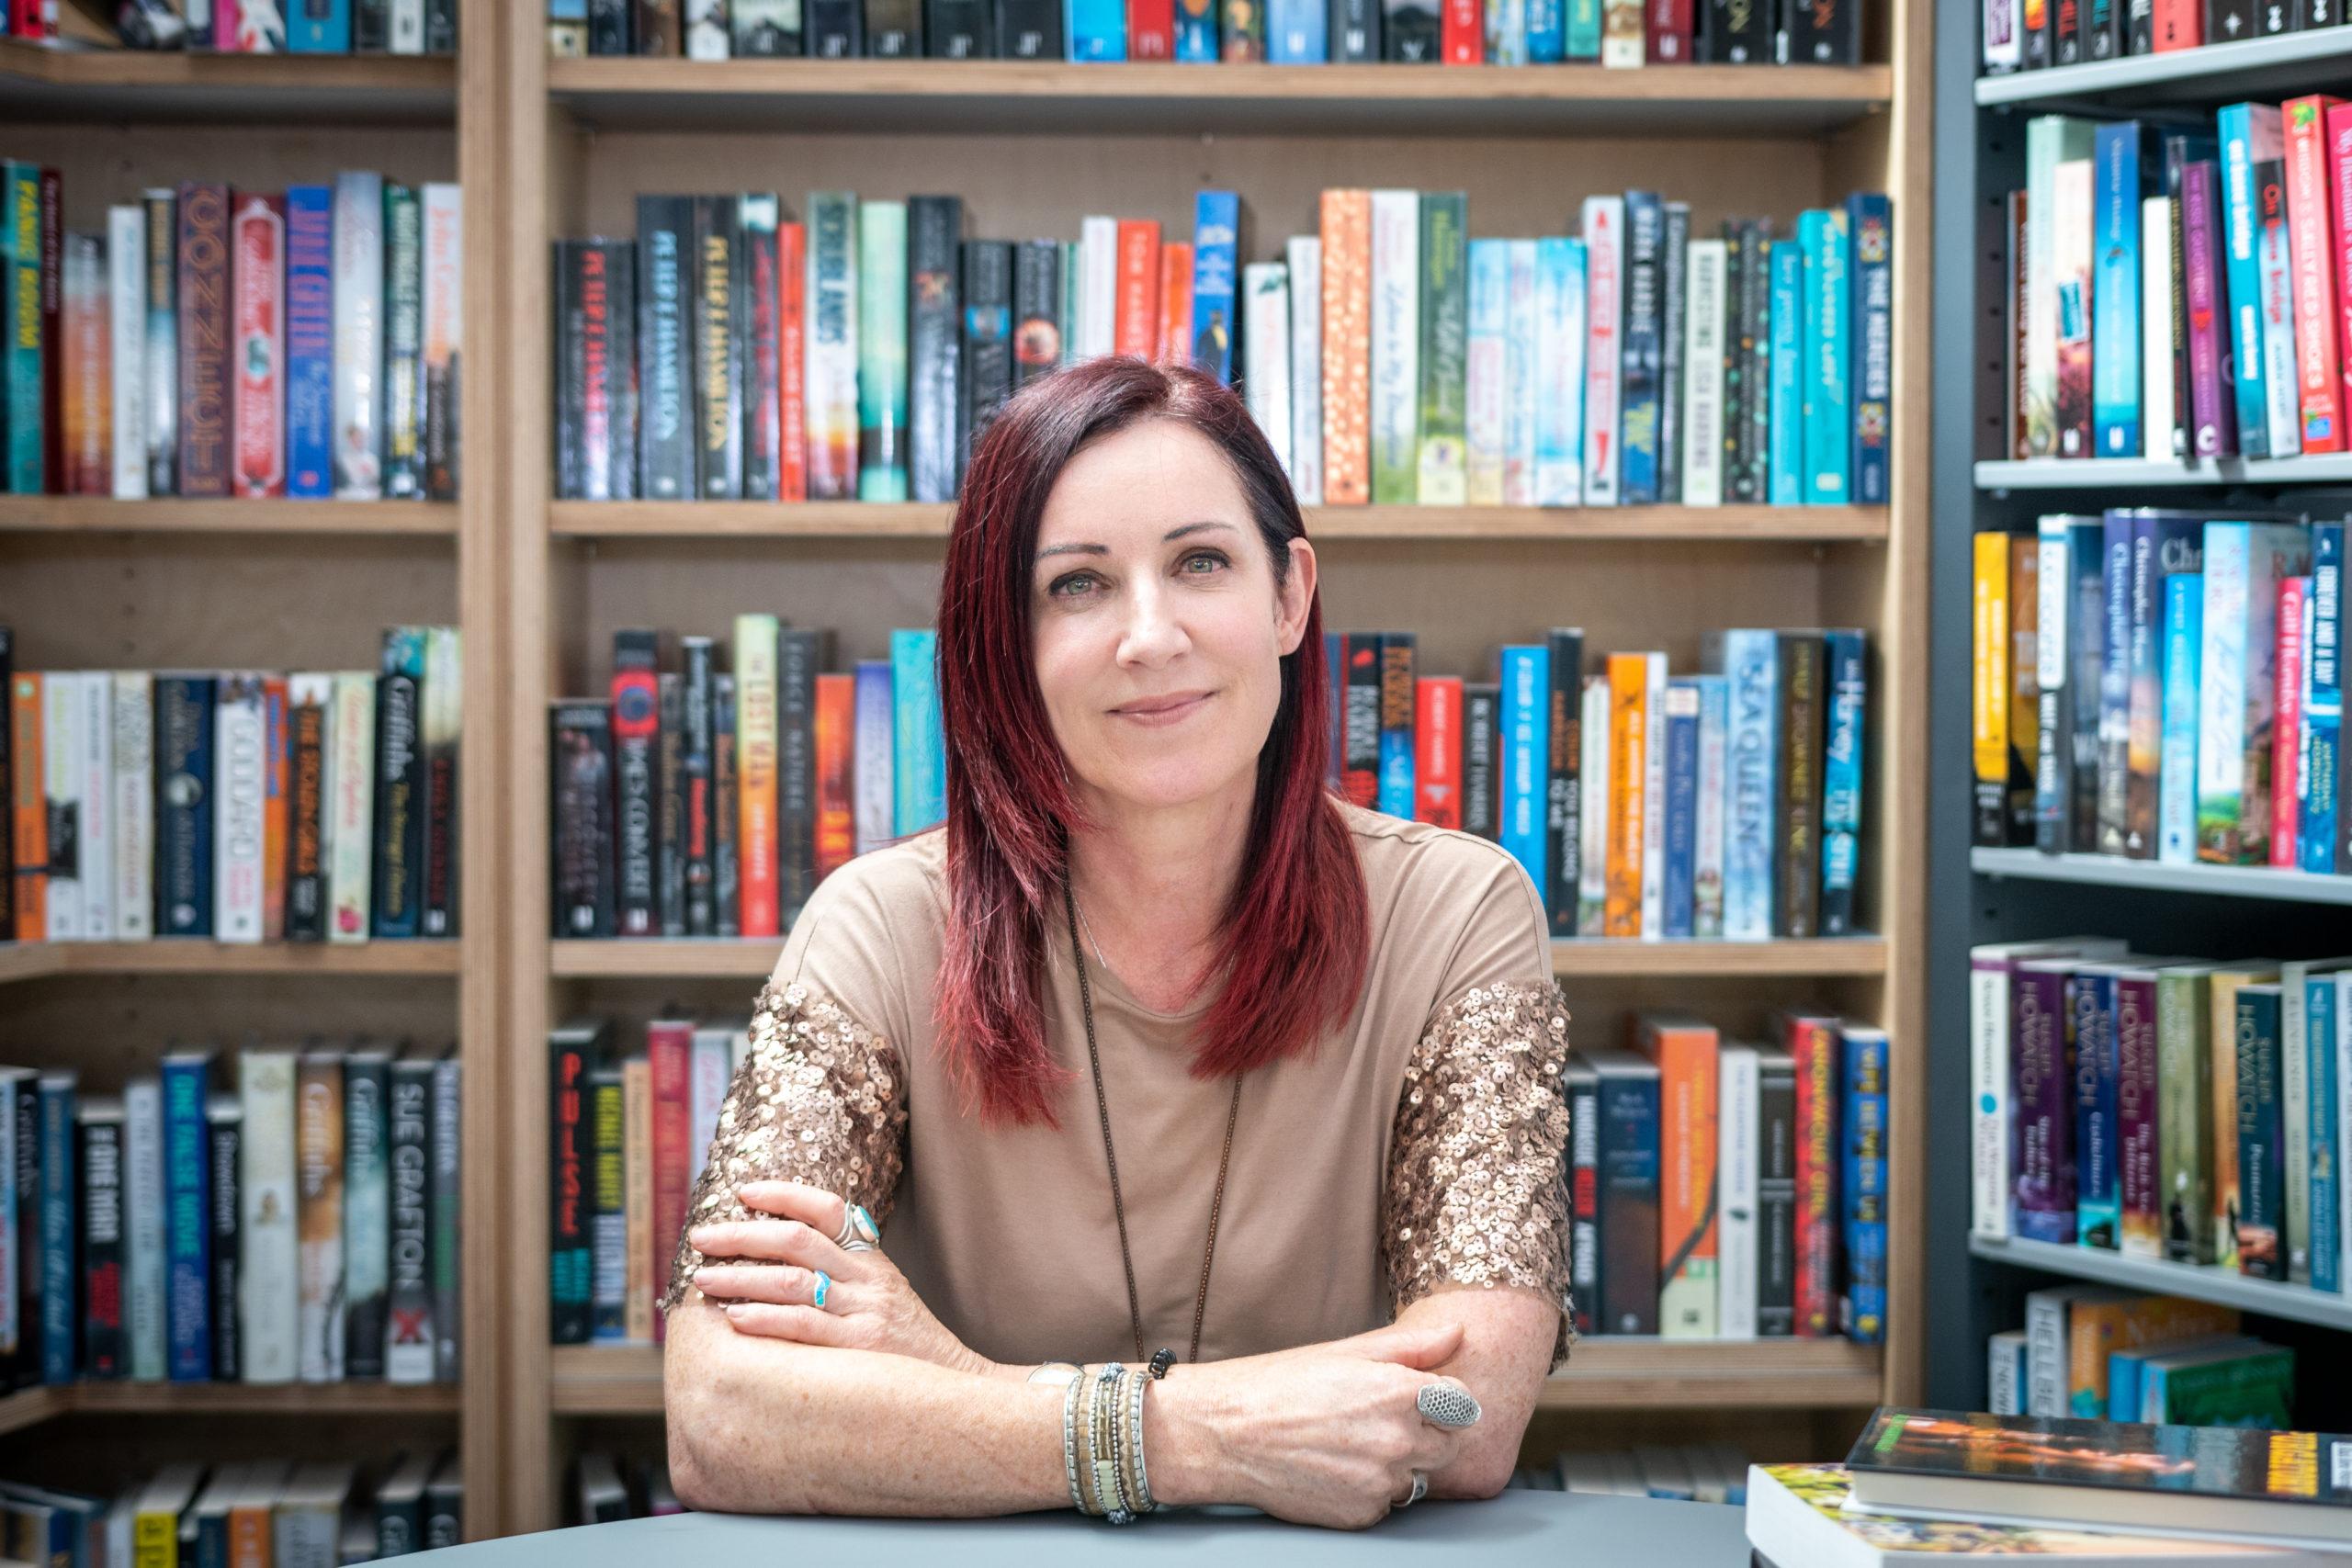 Rosena Hand, Senior Executive Librarian